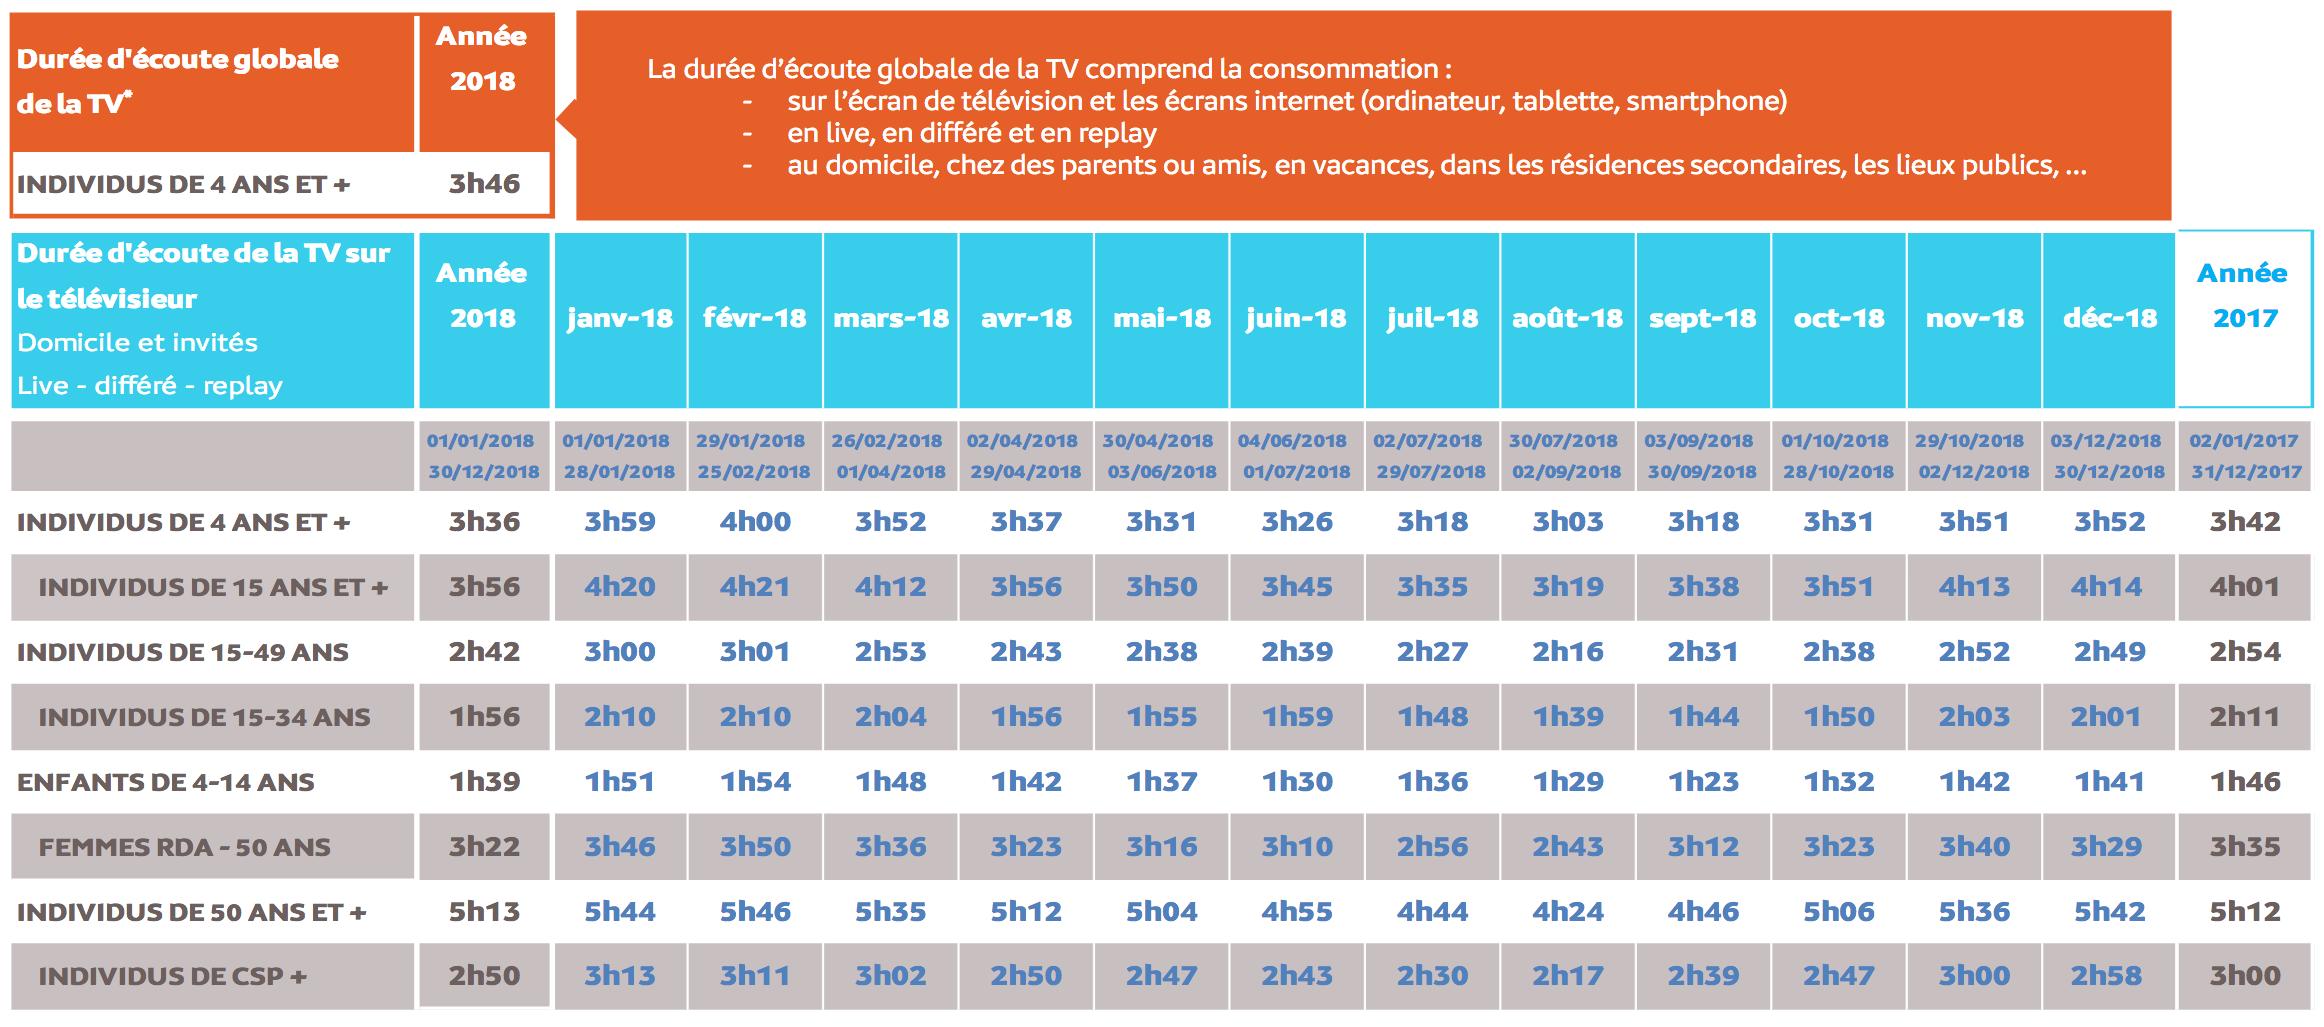 Source : Médiamétrie -Médiamat -Copyright Médiamétrie -Tous droits réservés